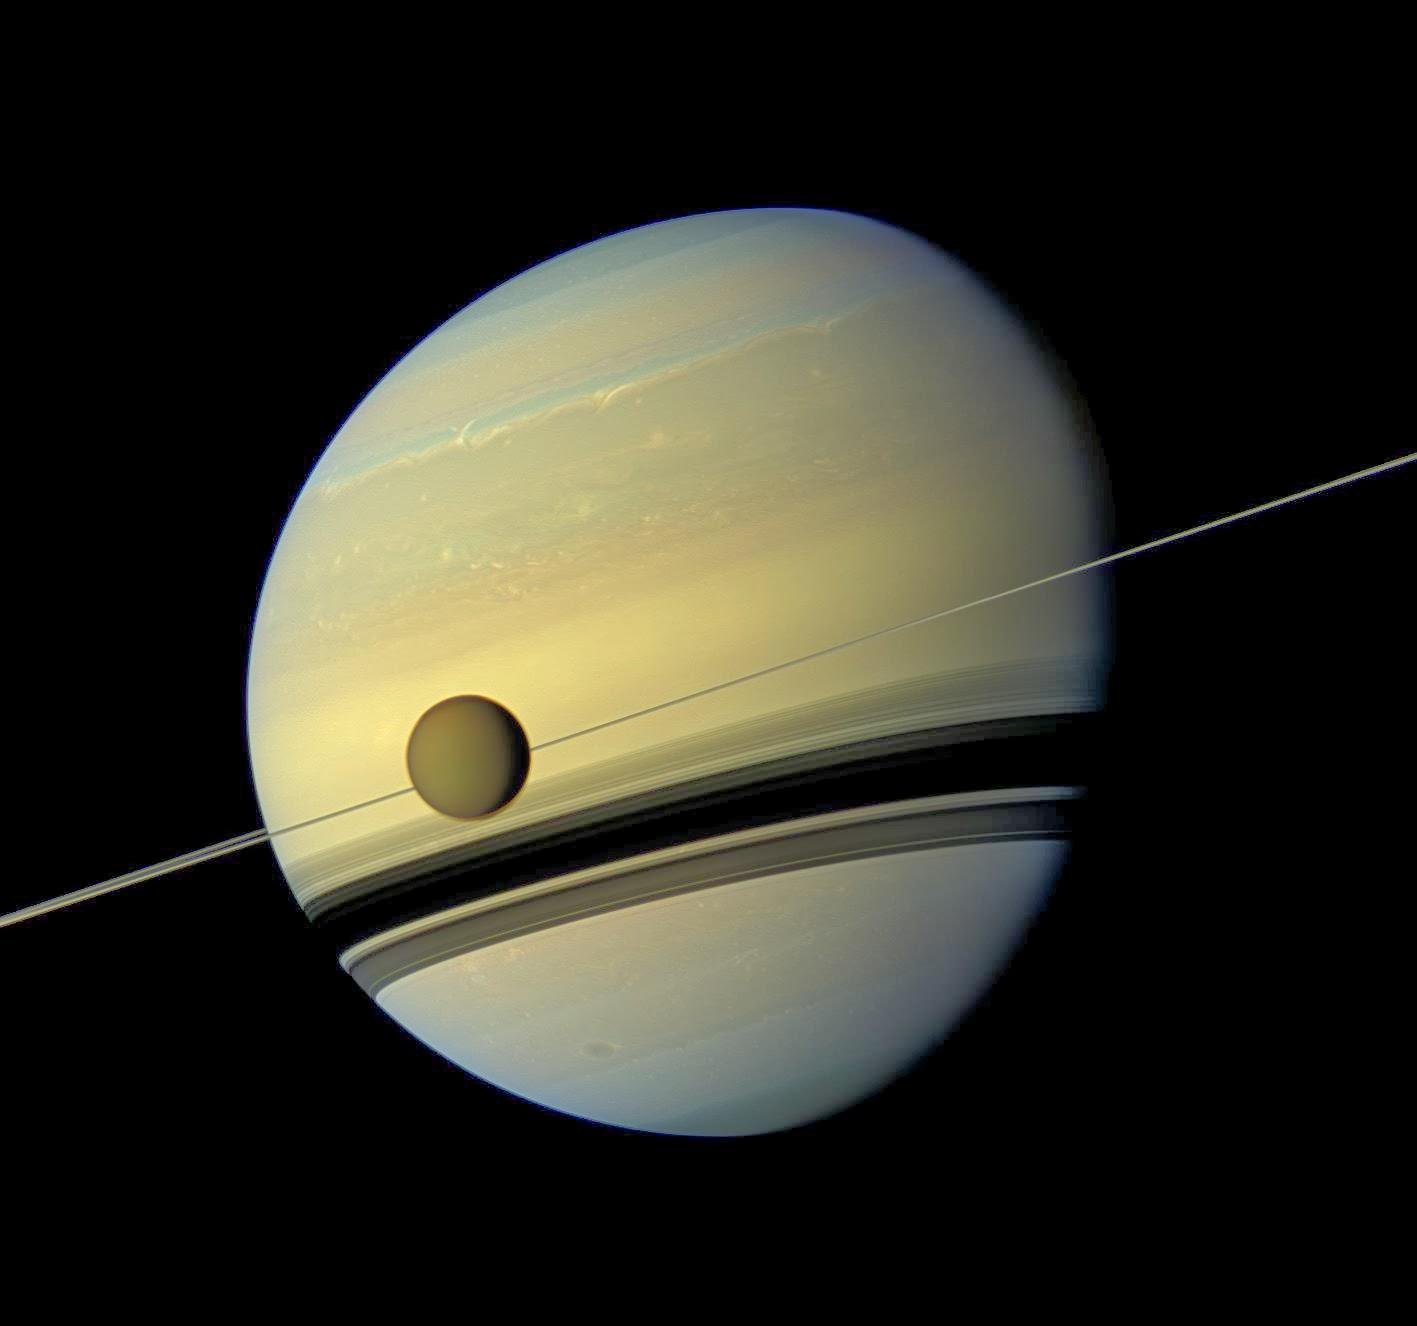 Титан на фоне Сатурна и его тонких колец